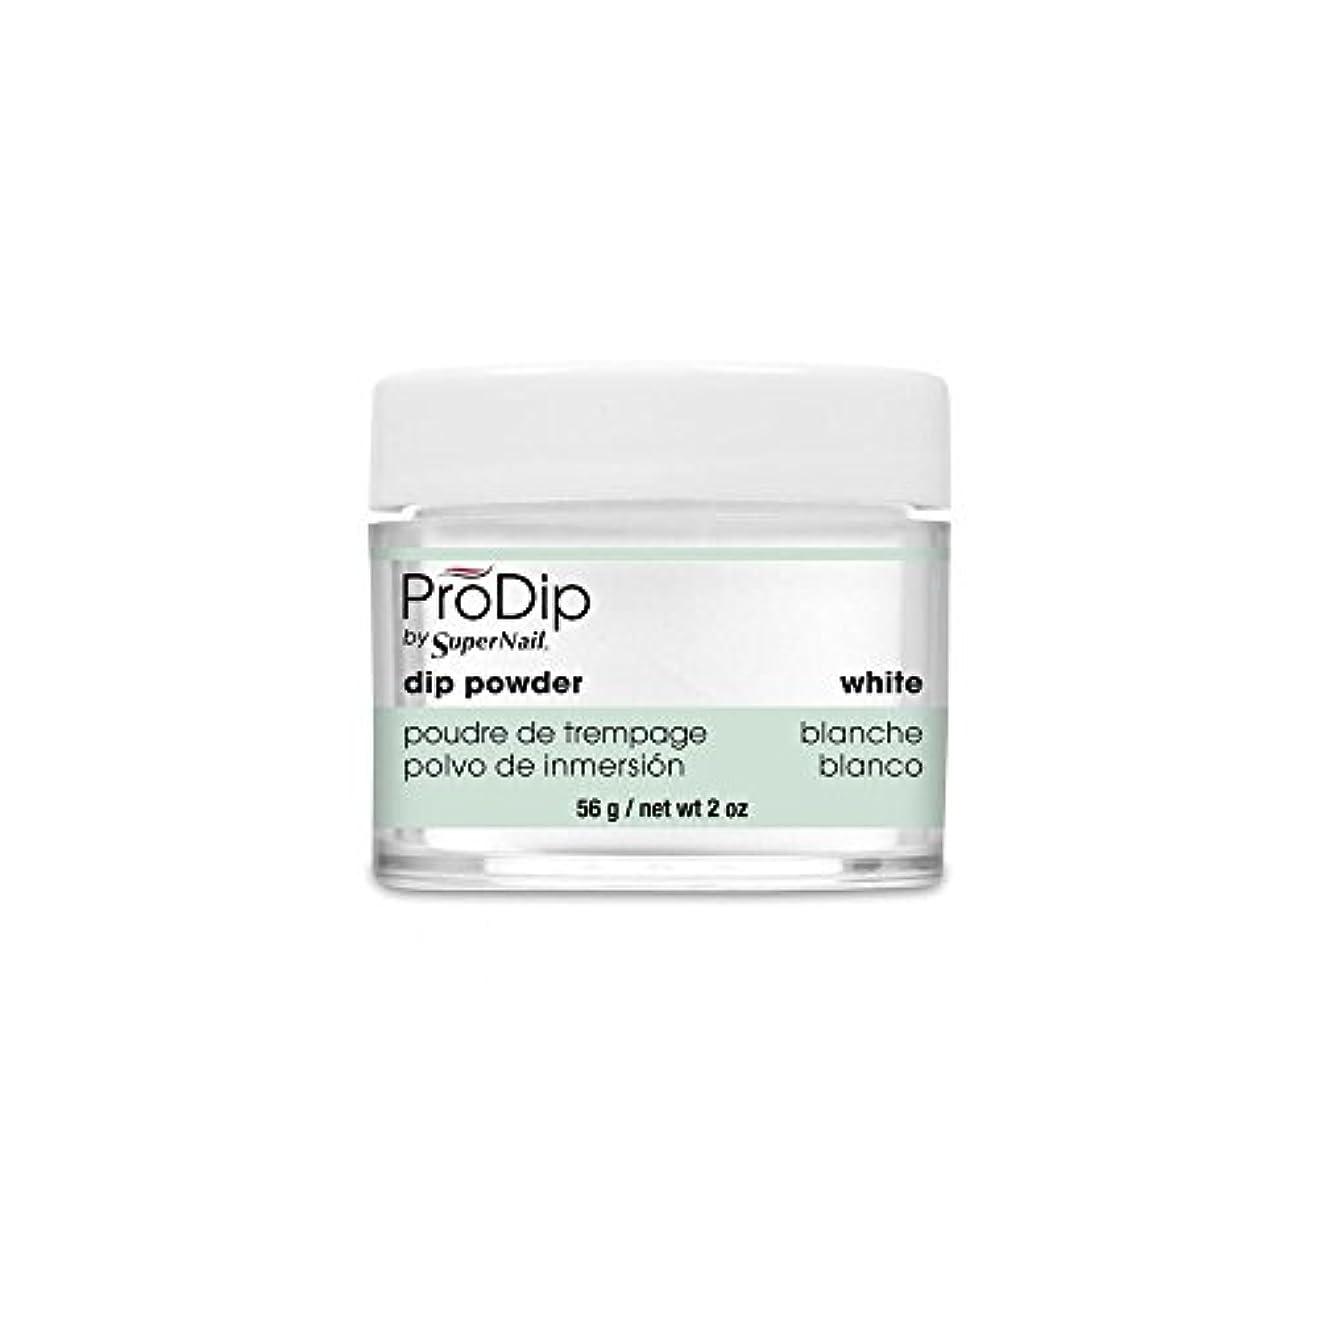 代替記憶に残る囲いSuperNail - ProDip - Dip Powder - White - 56 g/2 oz